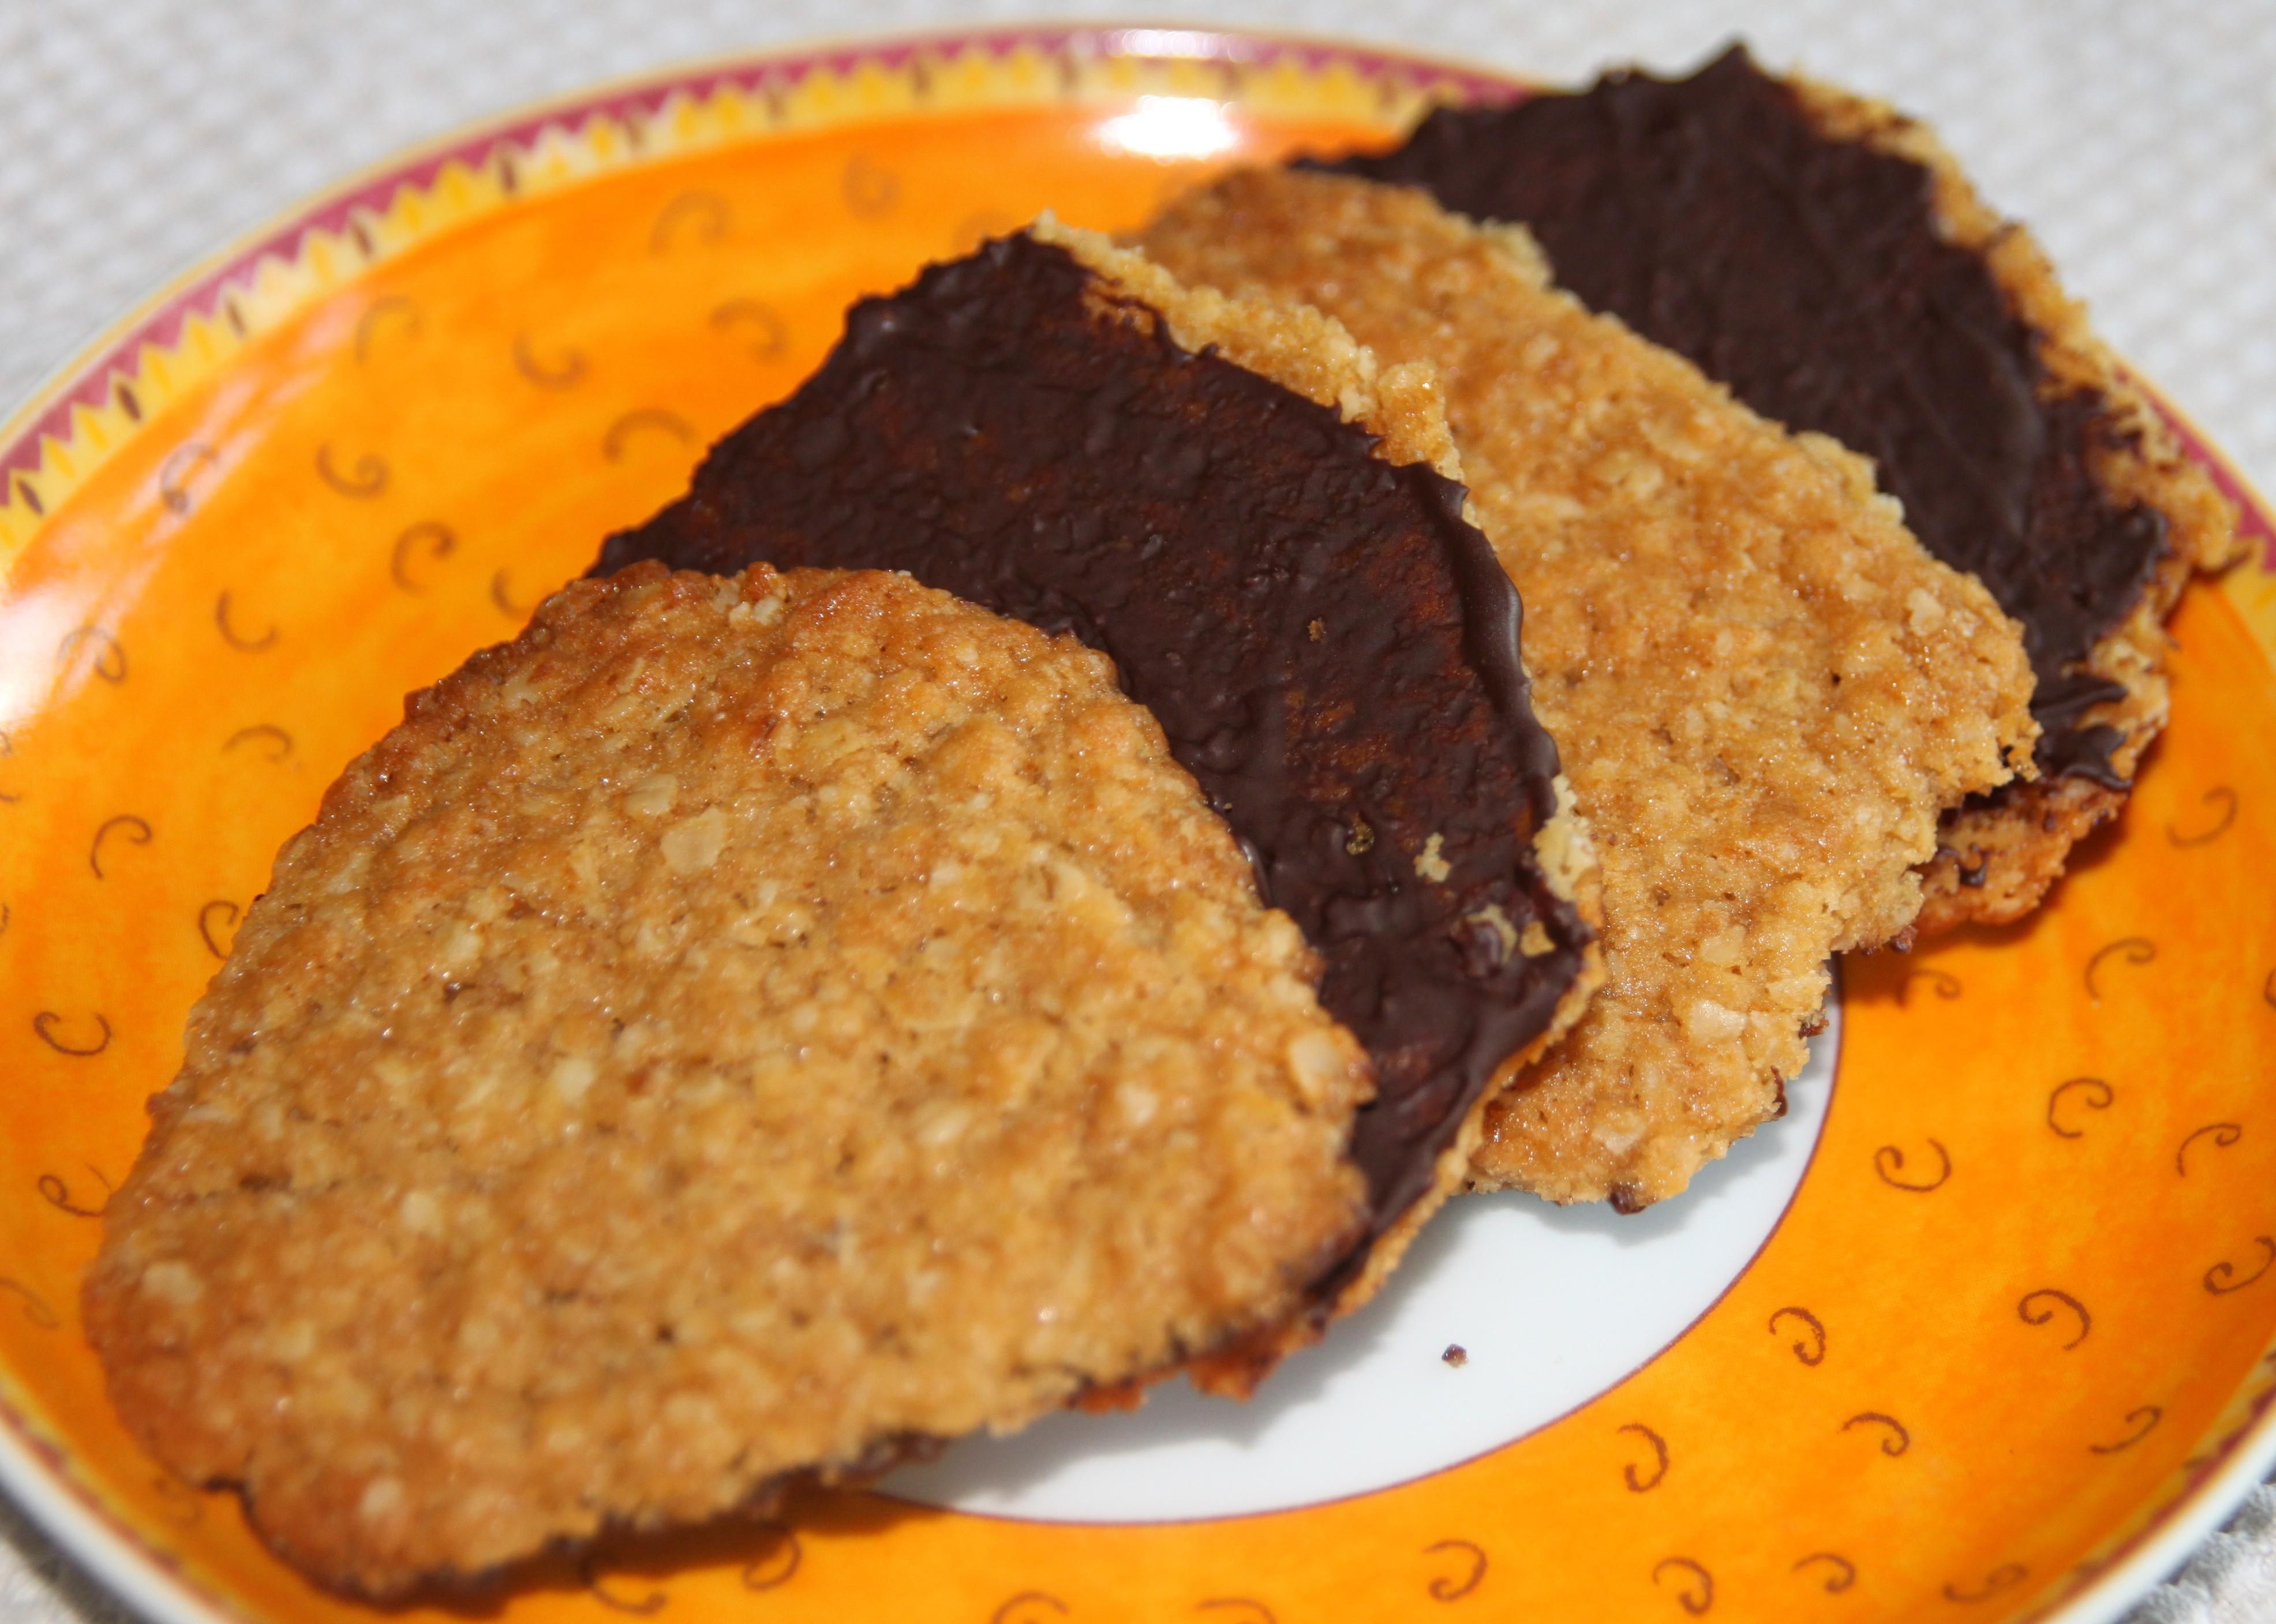 Biscuits aux flocons d avoine miel chocolat un peu comme ceux d ikea bo - Cuillere a miel ikea ...